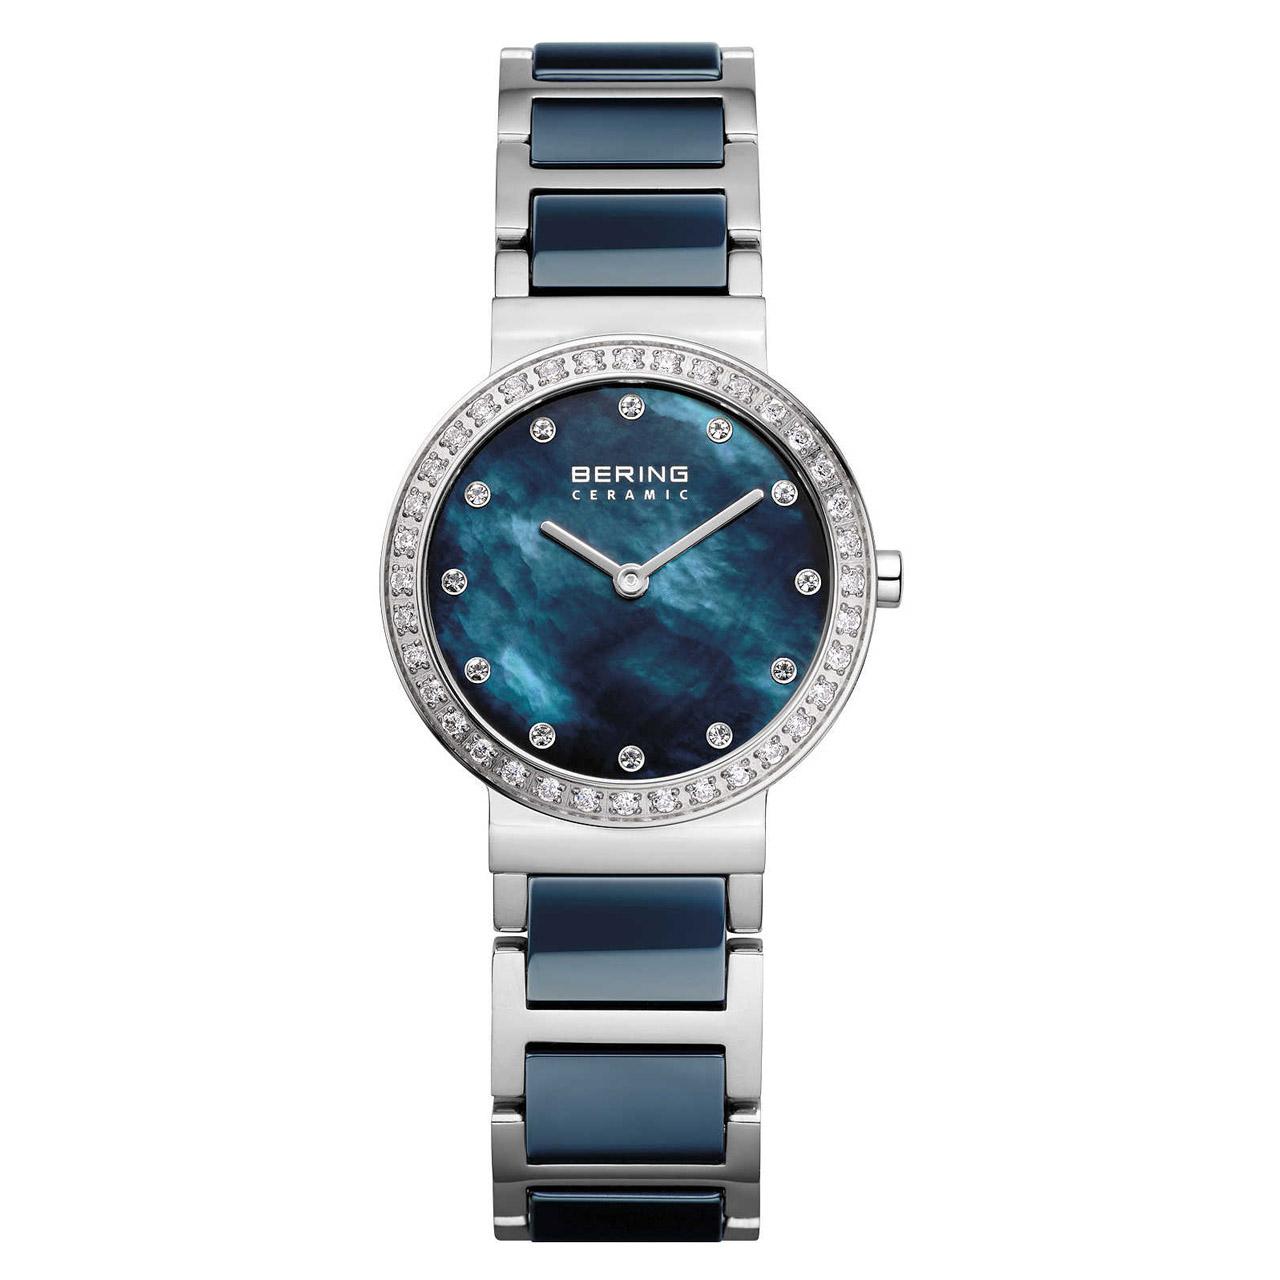 ساعت مچی عقربه ای زنانه برینگ مدل b10729-707 24